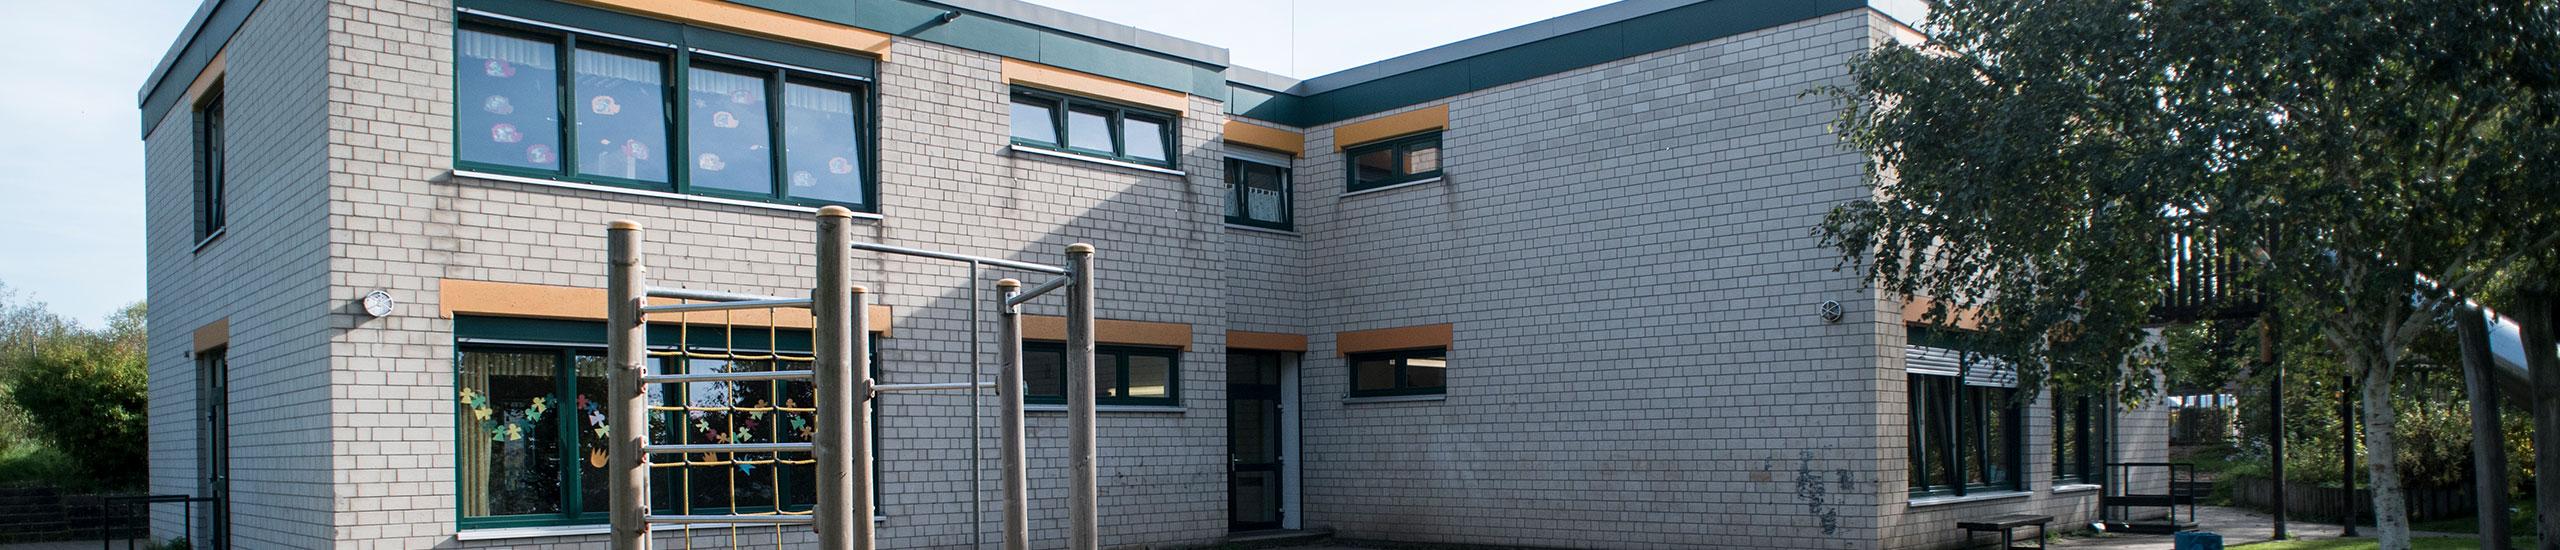 SKM-Familienzentrum Bickendorf